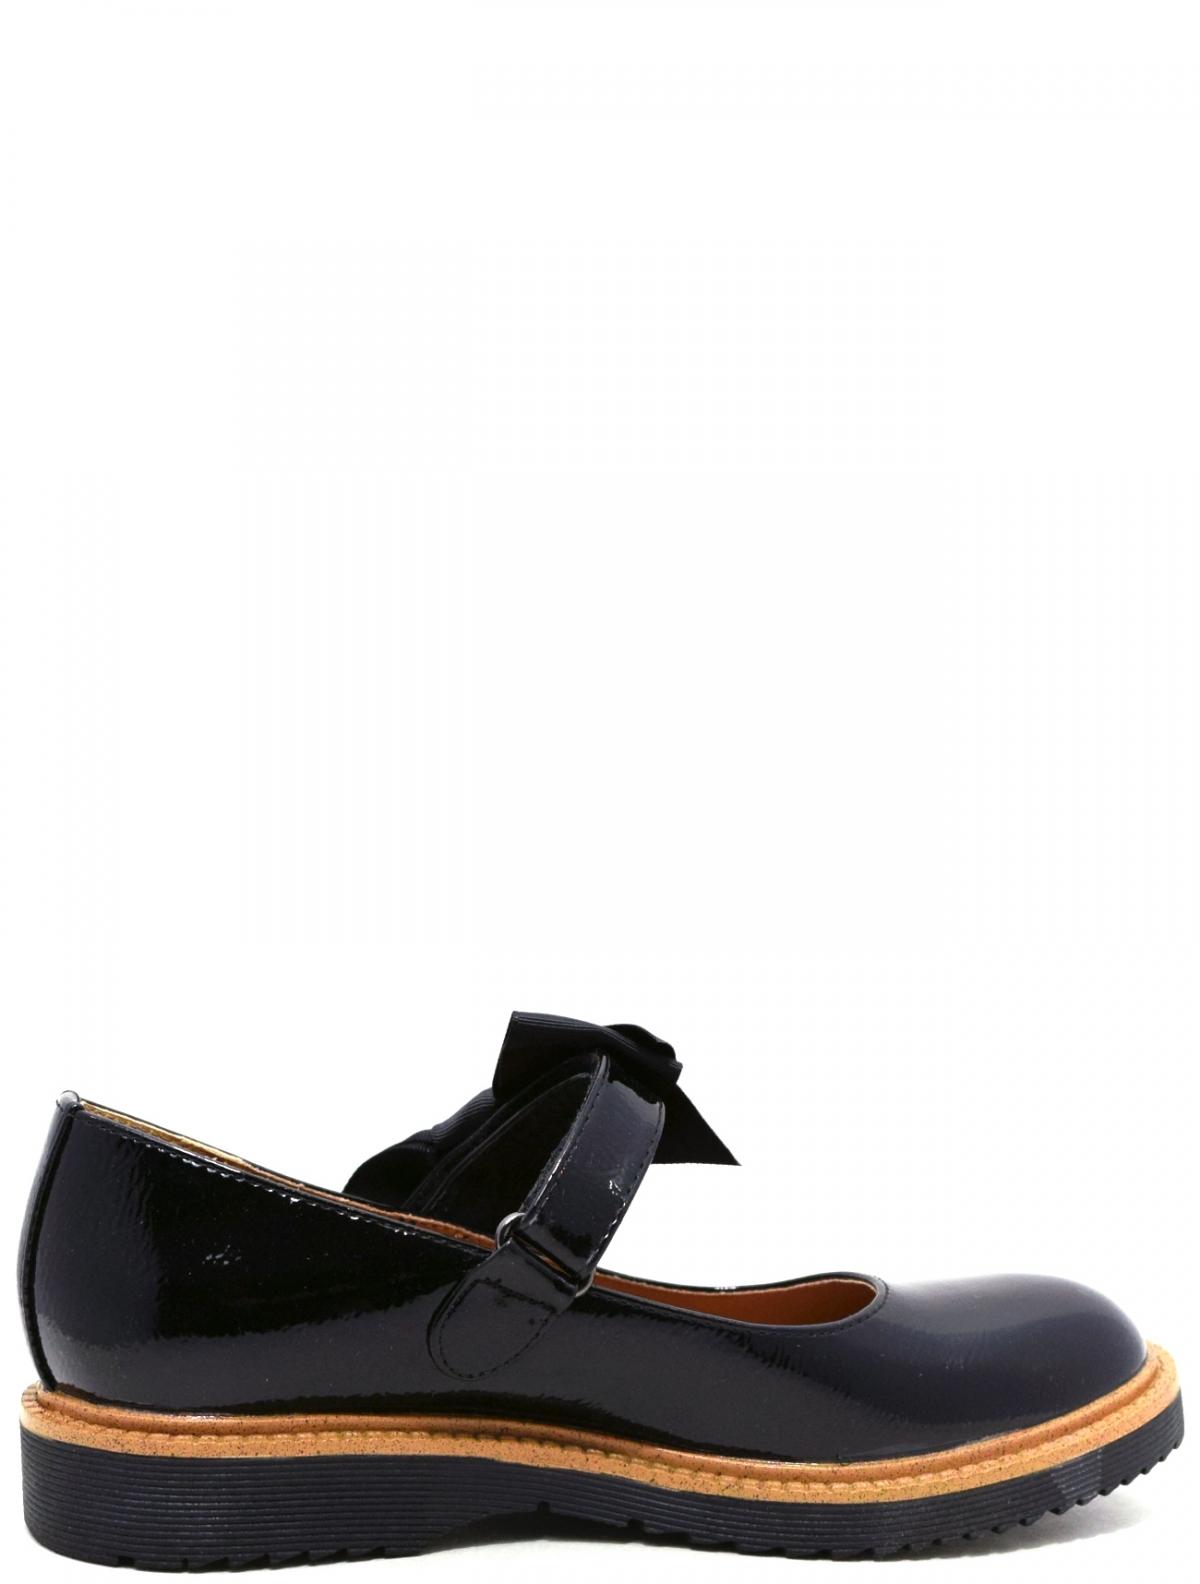 Betsy 908325/01-02 туфли для девочки